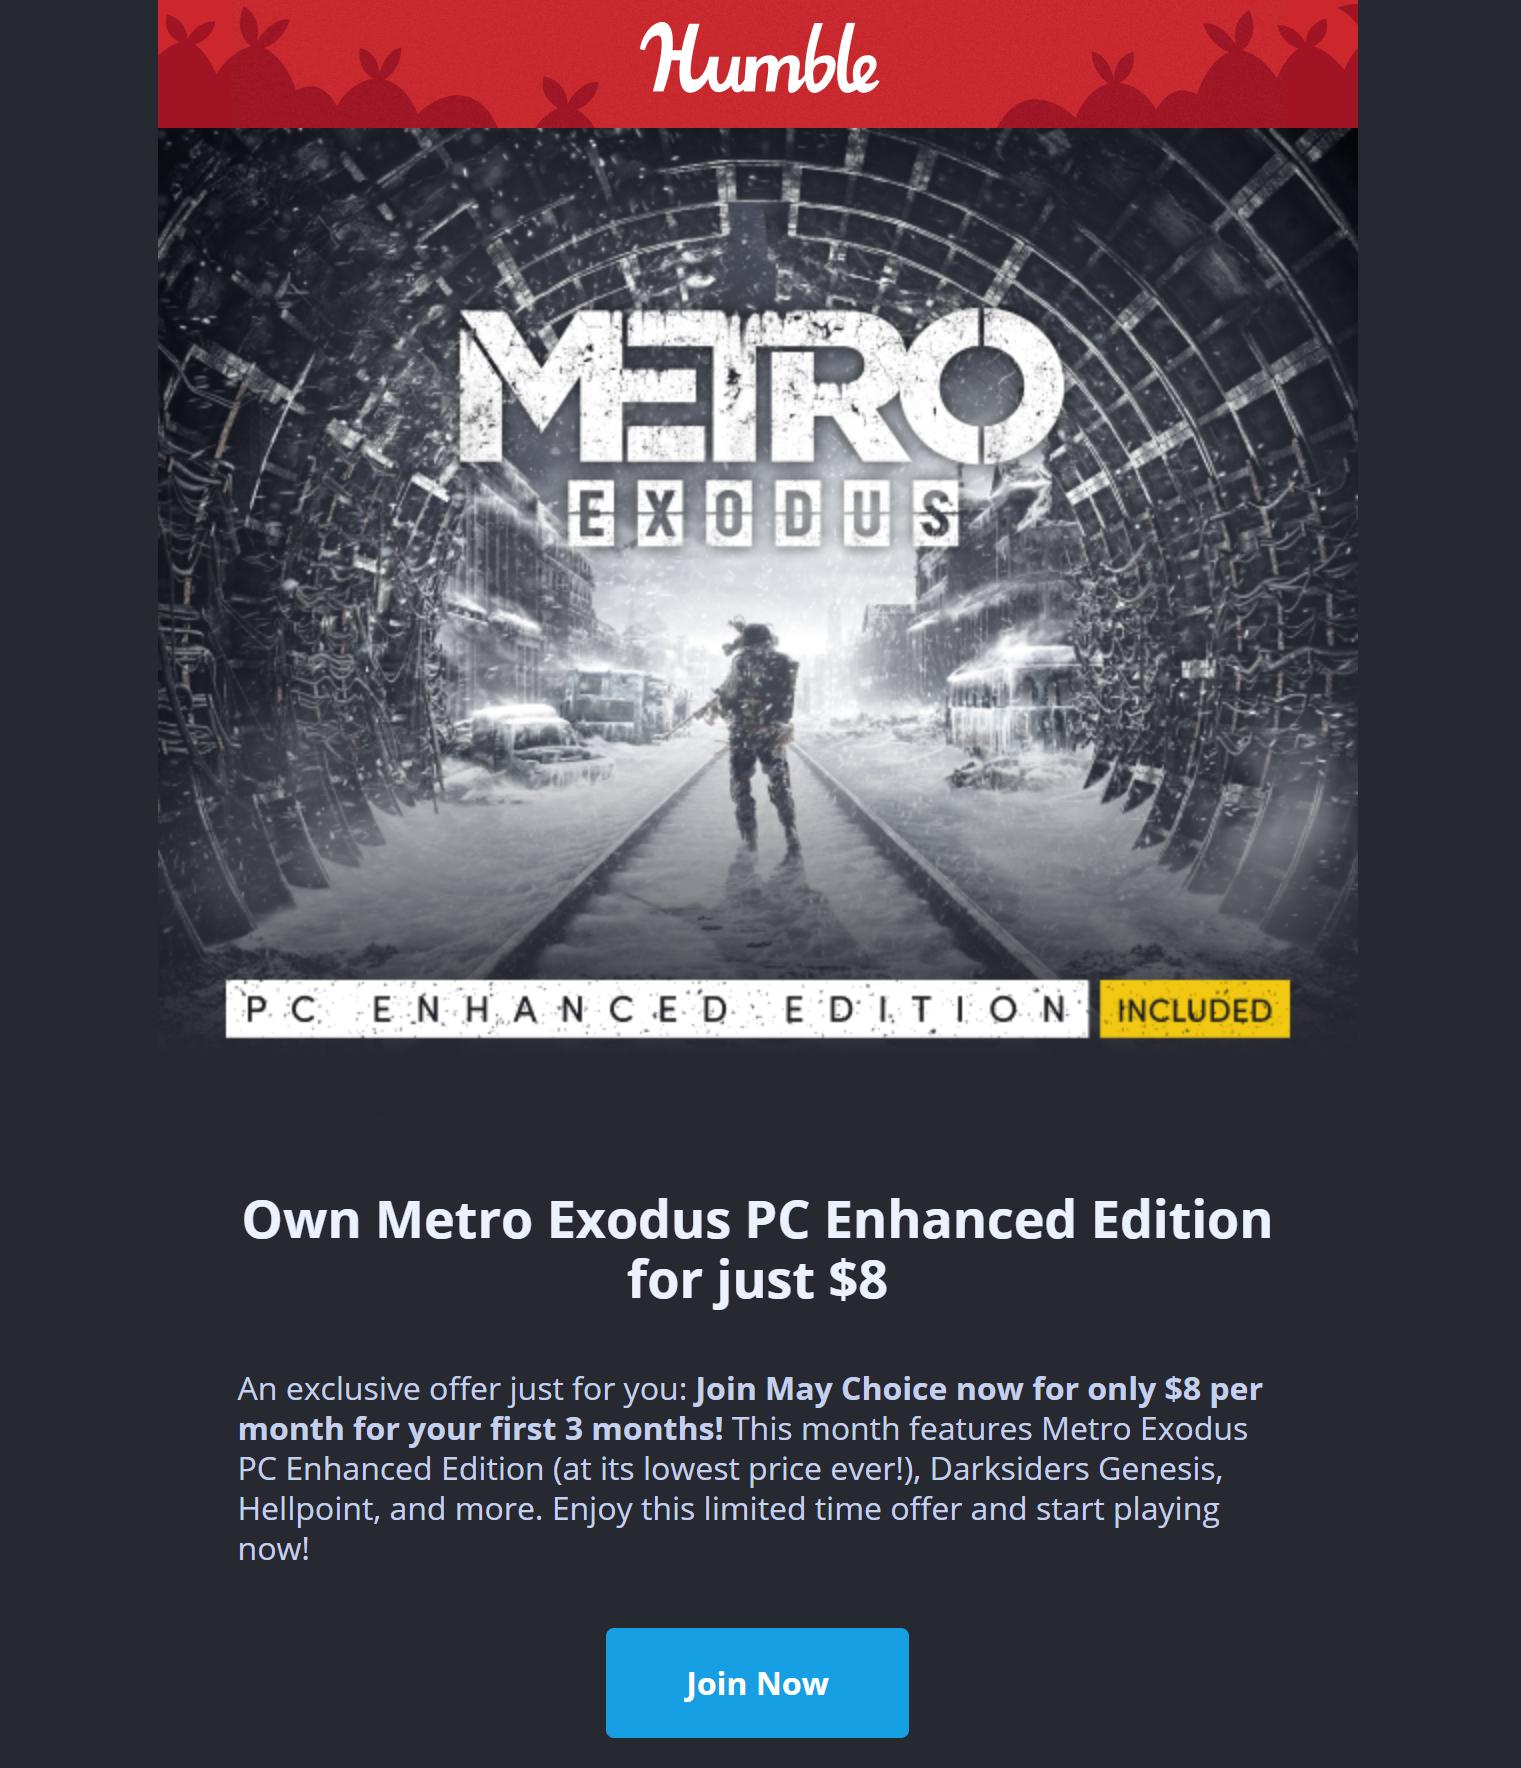 Metro Exodus [PC Enhanced Edition] (Steam PC Digital Download) $8 YMMV